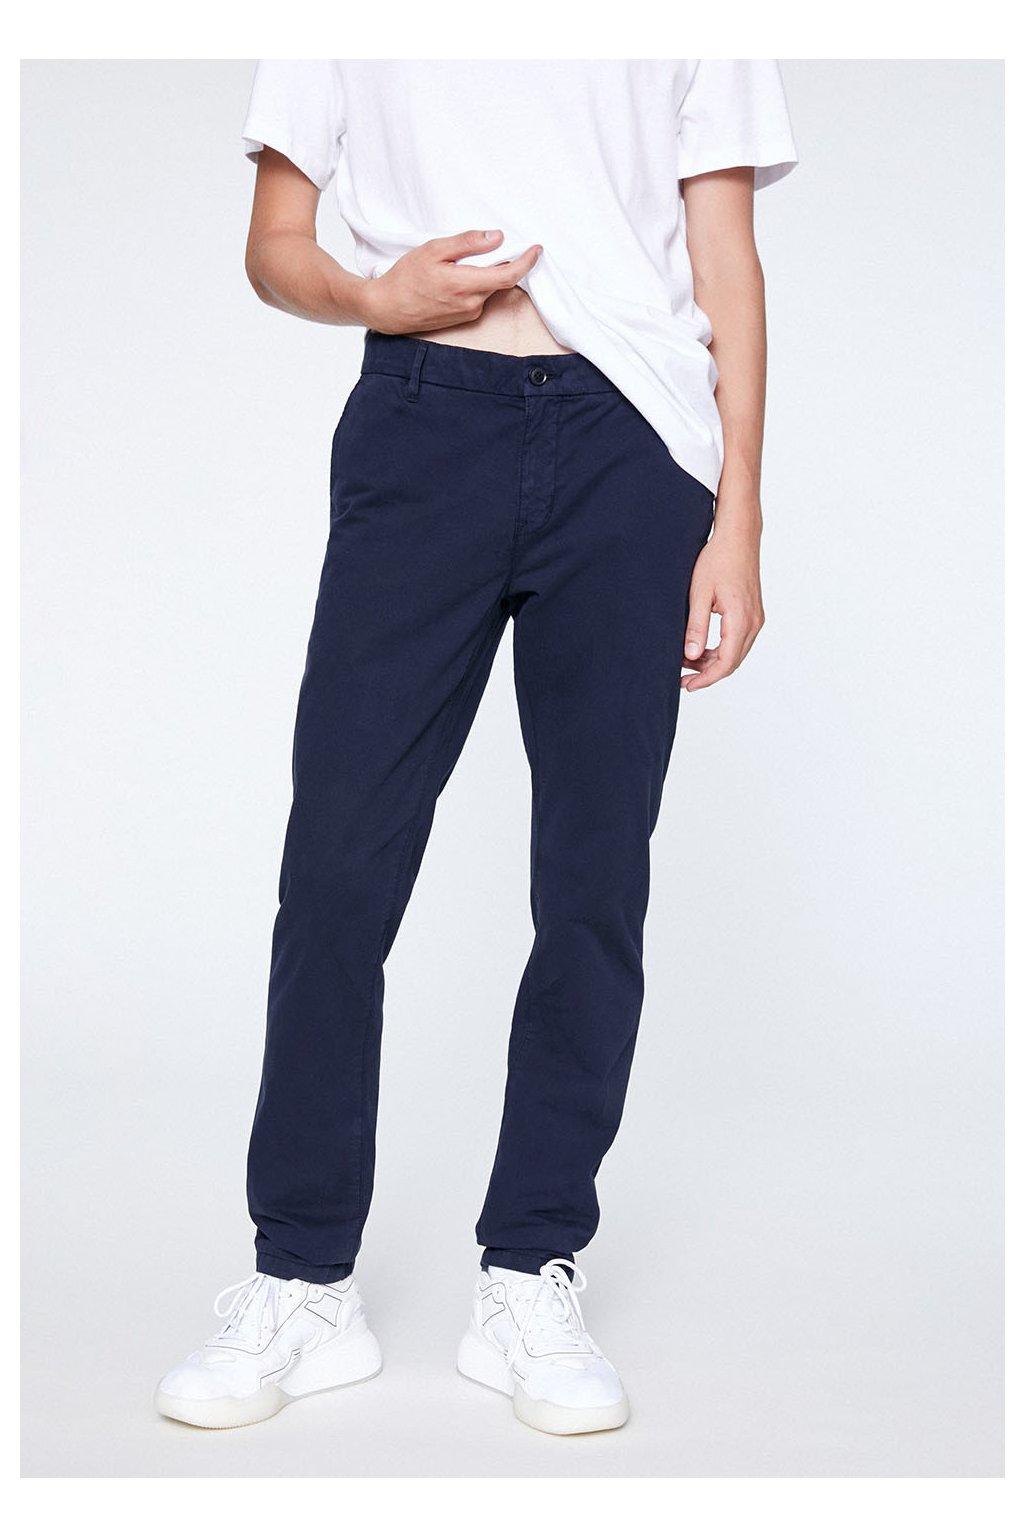 """Pánské tmavě modré kalhoty z biobavlny """"EDVAAN NAVY"""" (Velikost 29/32)"""